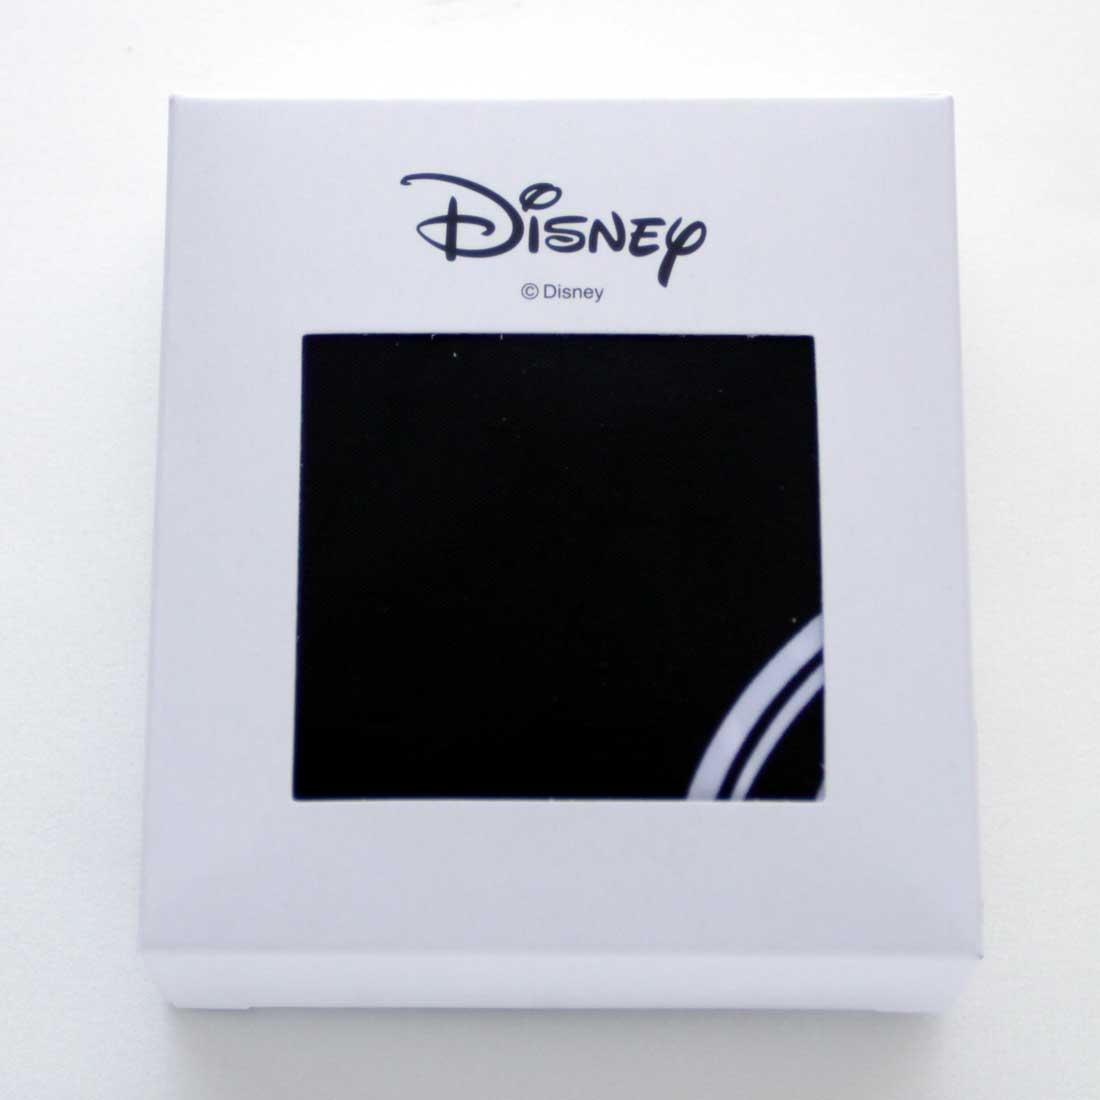 ディズニー 撥水加工 リユーザブルバッグ リプリーブシリーズ<BR> エコバッグ/マイバッグ(パッケージ入り) 0202 ブラック